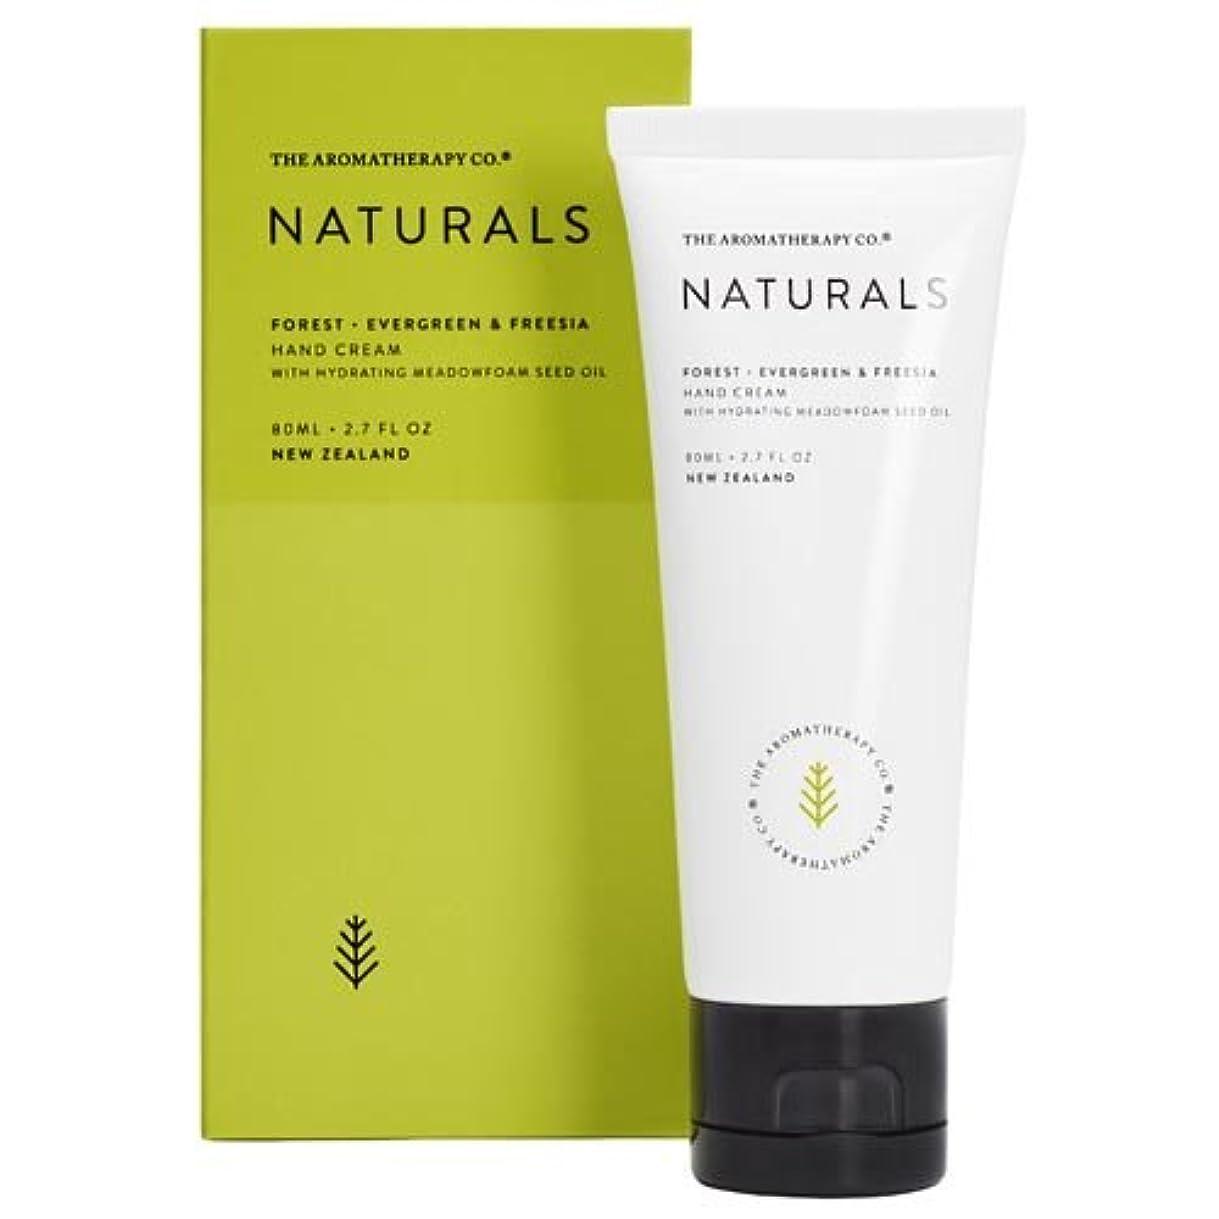 海組立大臣new NATURALS ナチュラルズ Hand Cream ハンドクリーム Forest フォレスト(森林)Evergreen & Freesia エバーグリーン&フリージア